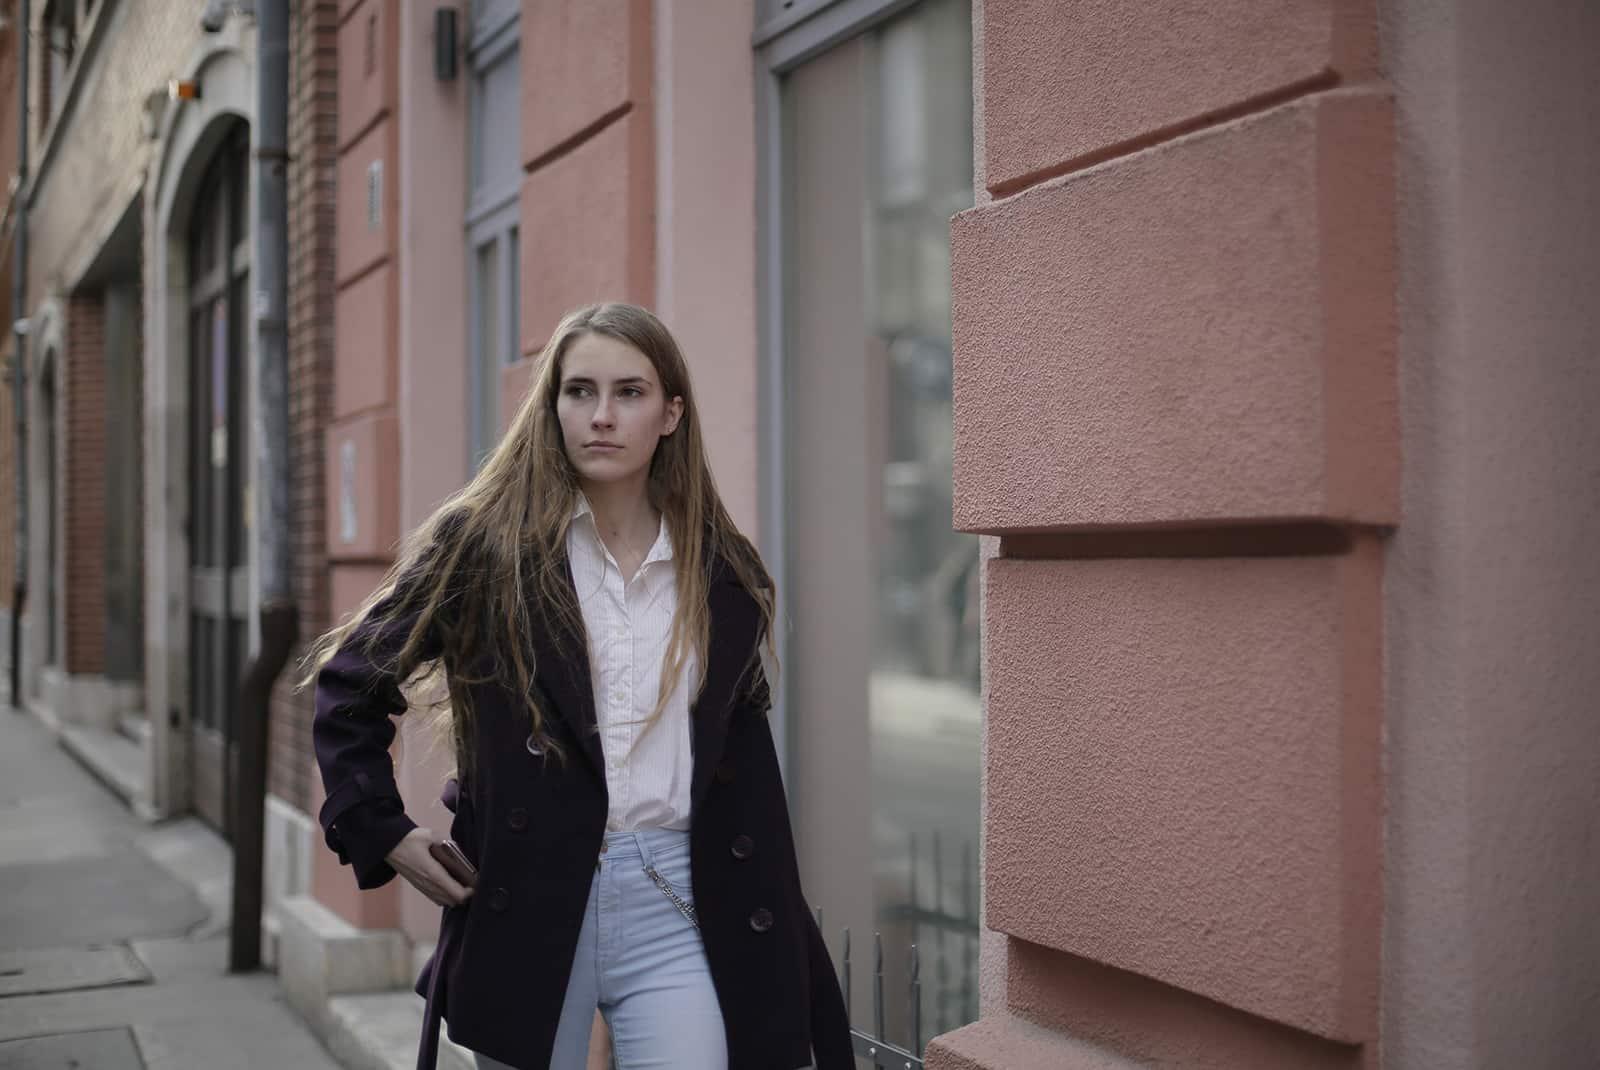 une femme qui marche sur le trottoir et regarde de côté